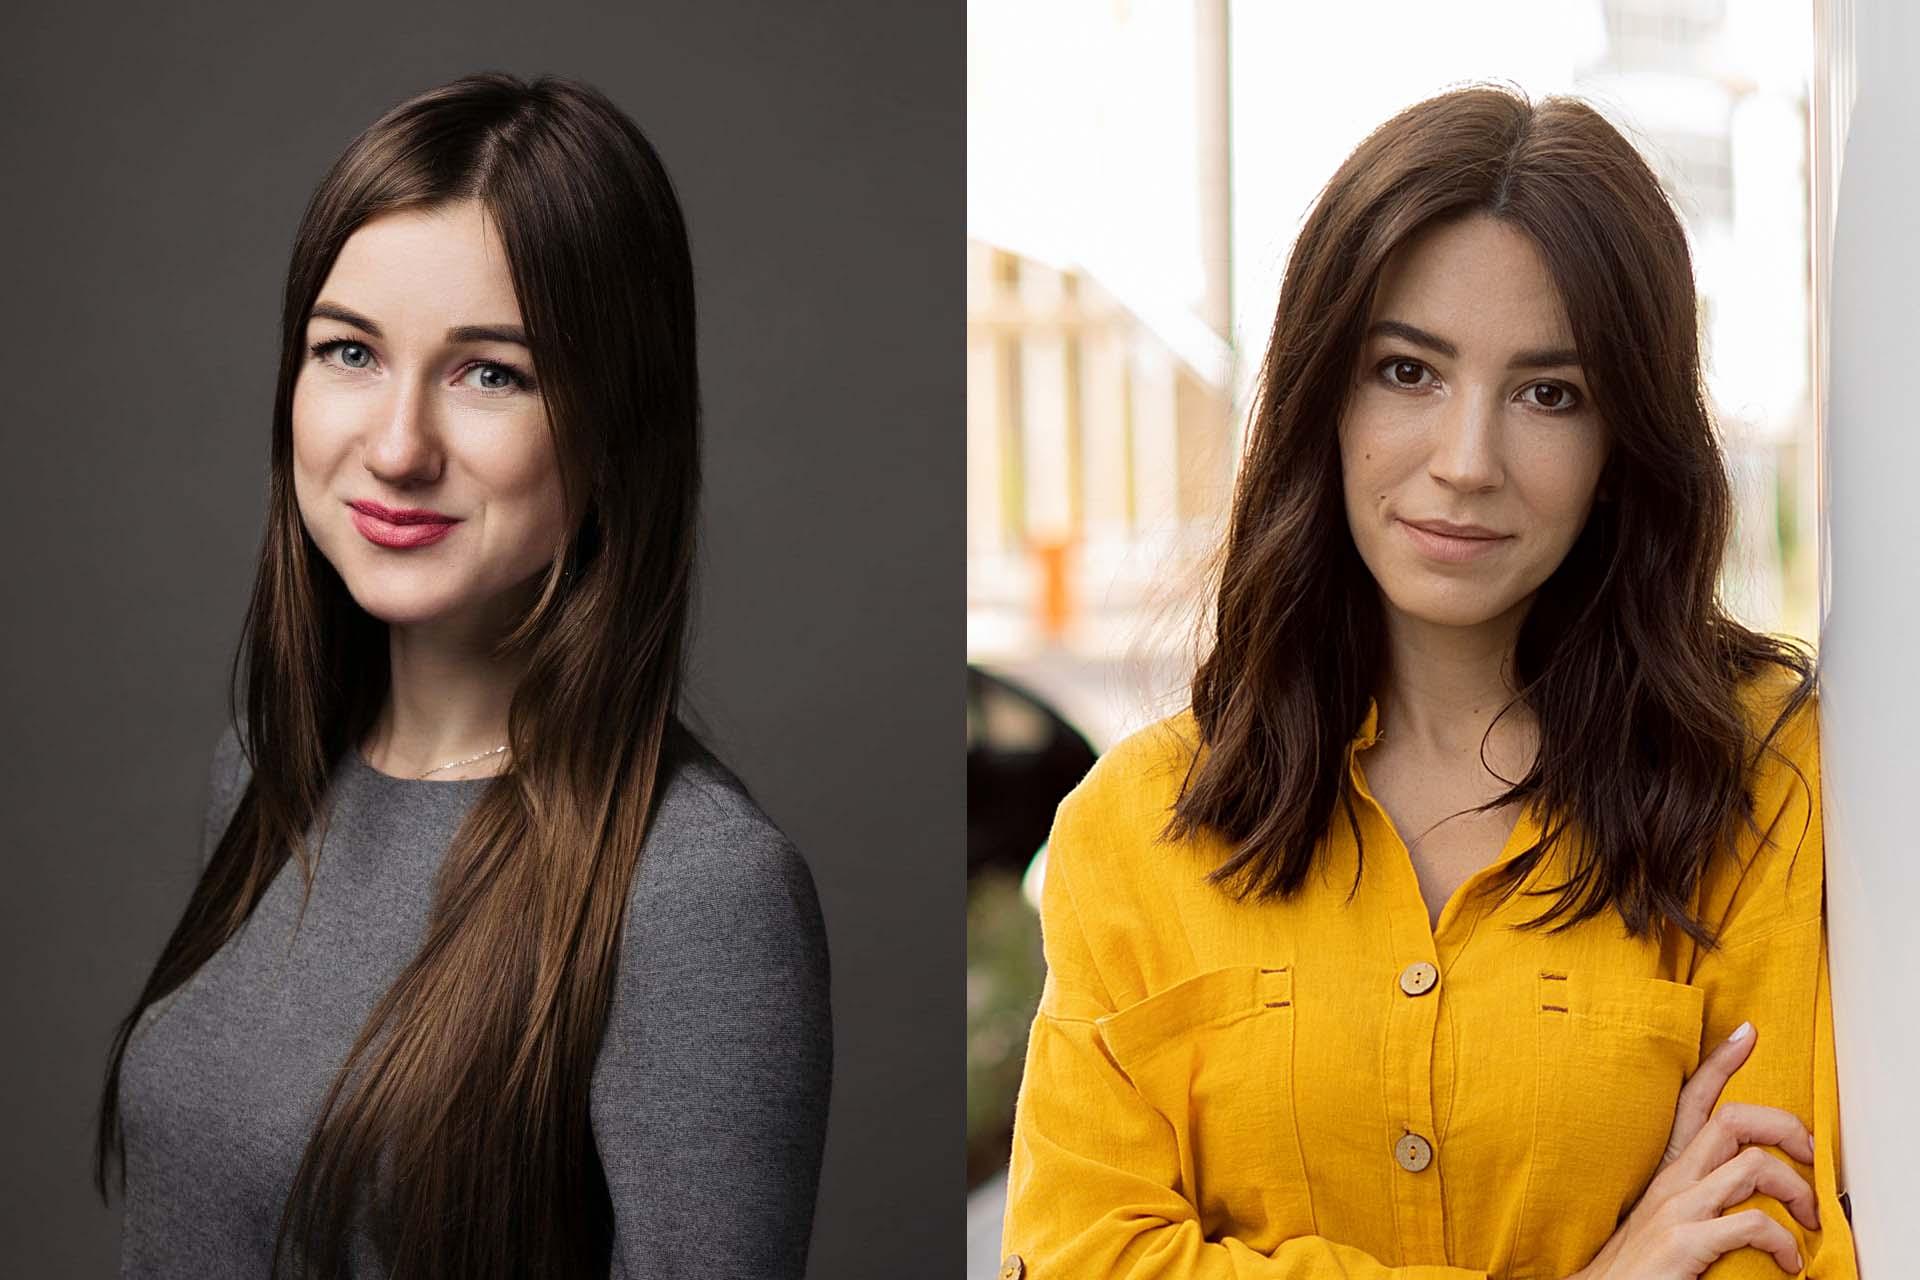 Александра Алейникова и Екатерина Китаева. Кто такой финансовый директор сегодня